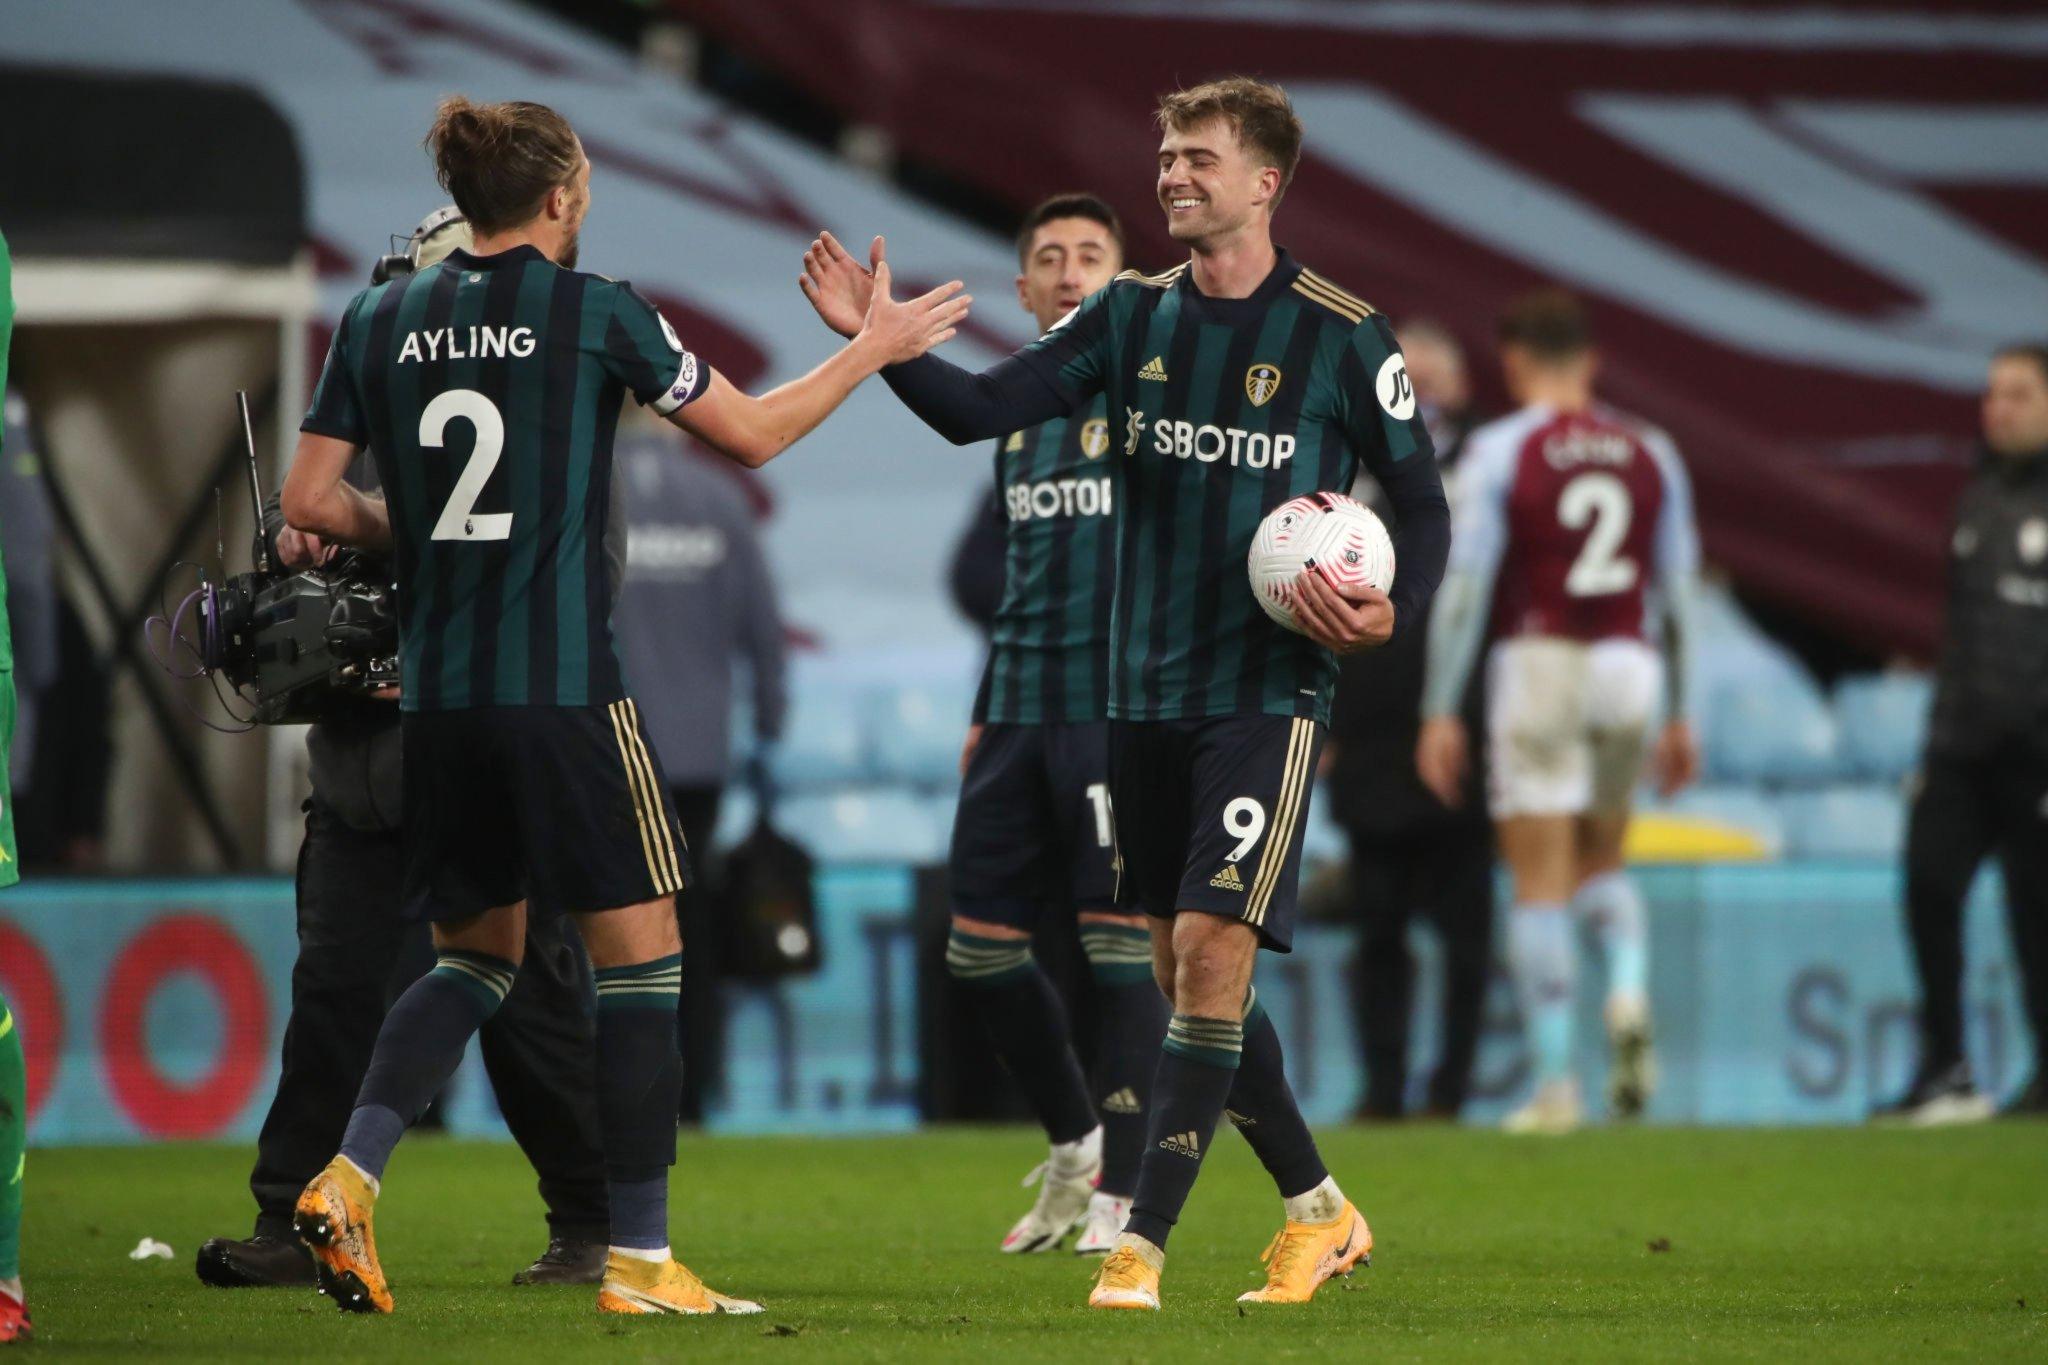 Aston Villa Foto,Aston Villa está en tendencia en Twitter - Los tweets más populares